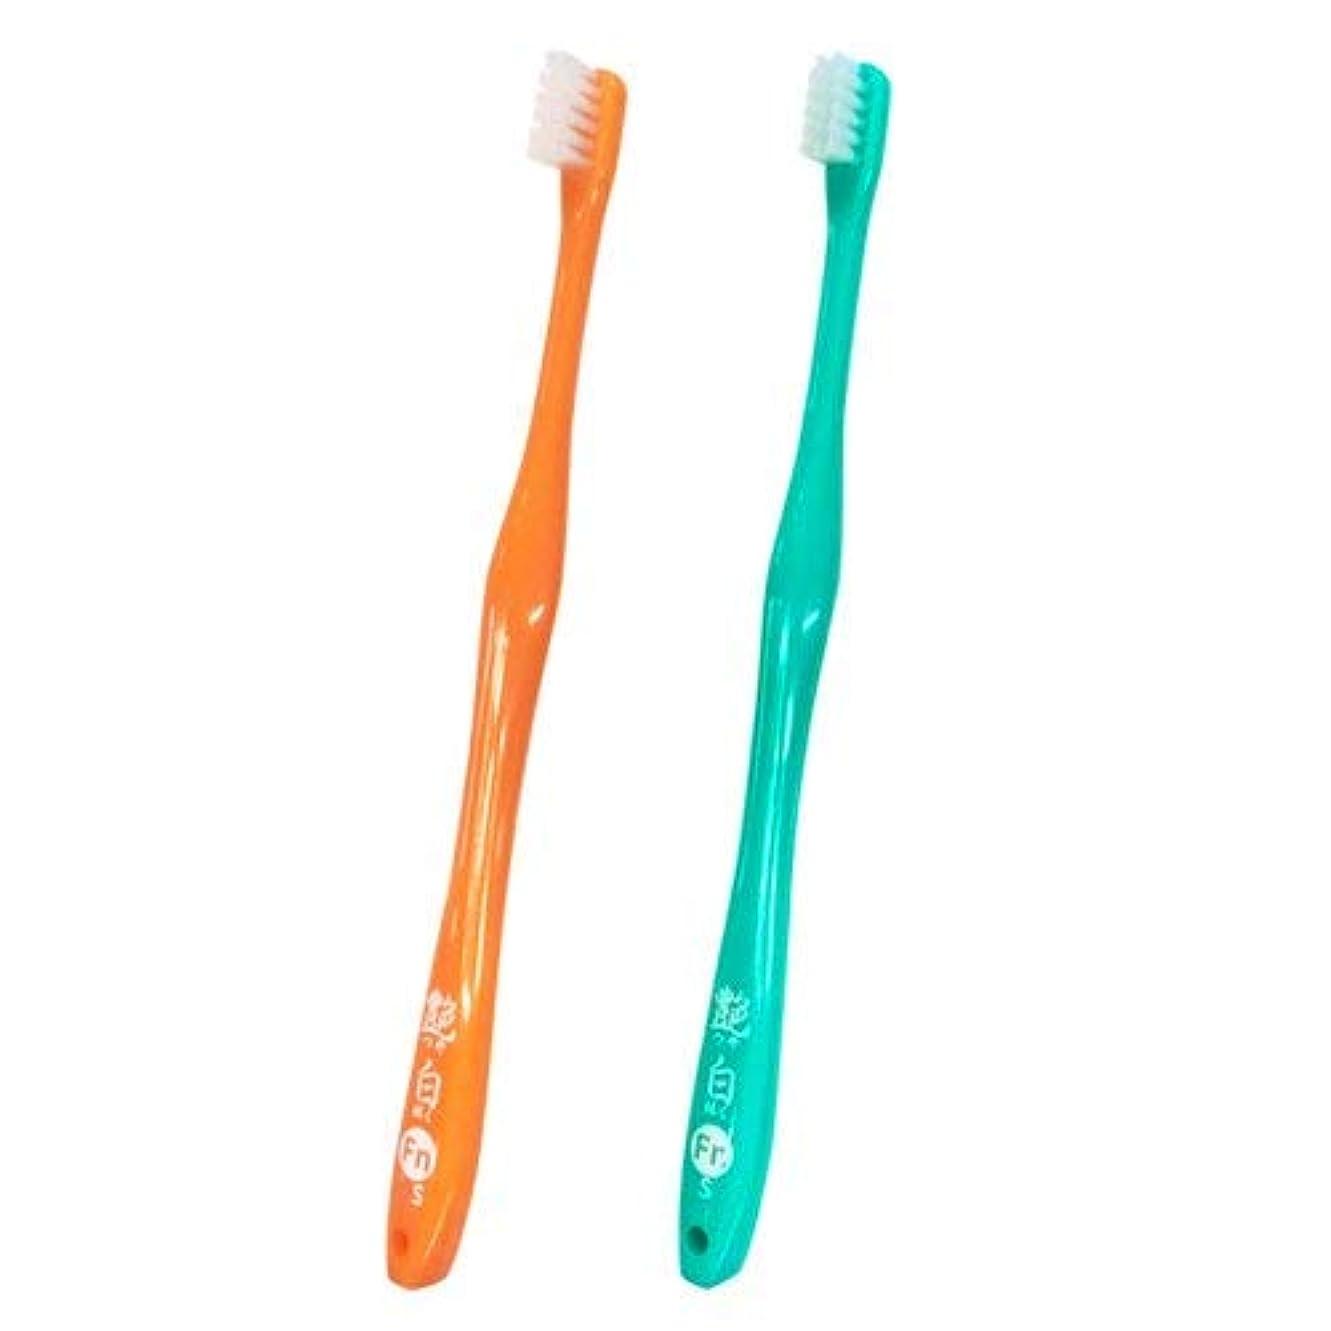 文献スパイ後退する艶白(つやはく) Fn フィニッシュ 仕上げ用 歯ブラシ×10本(MS)【日本製】